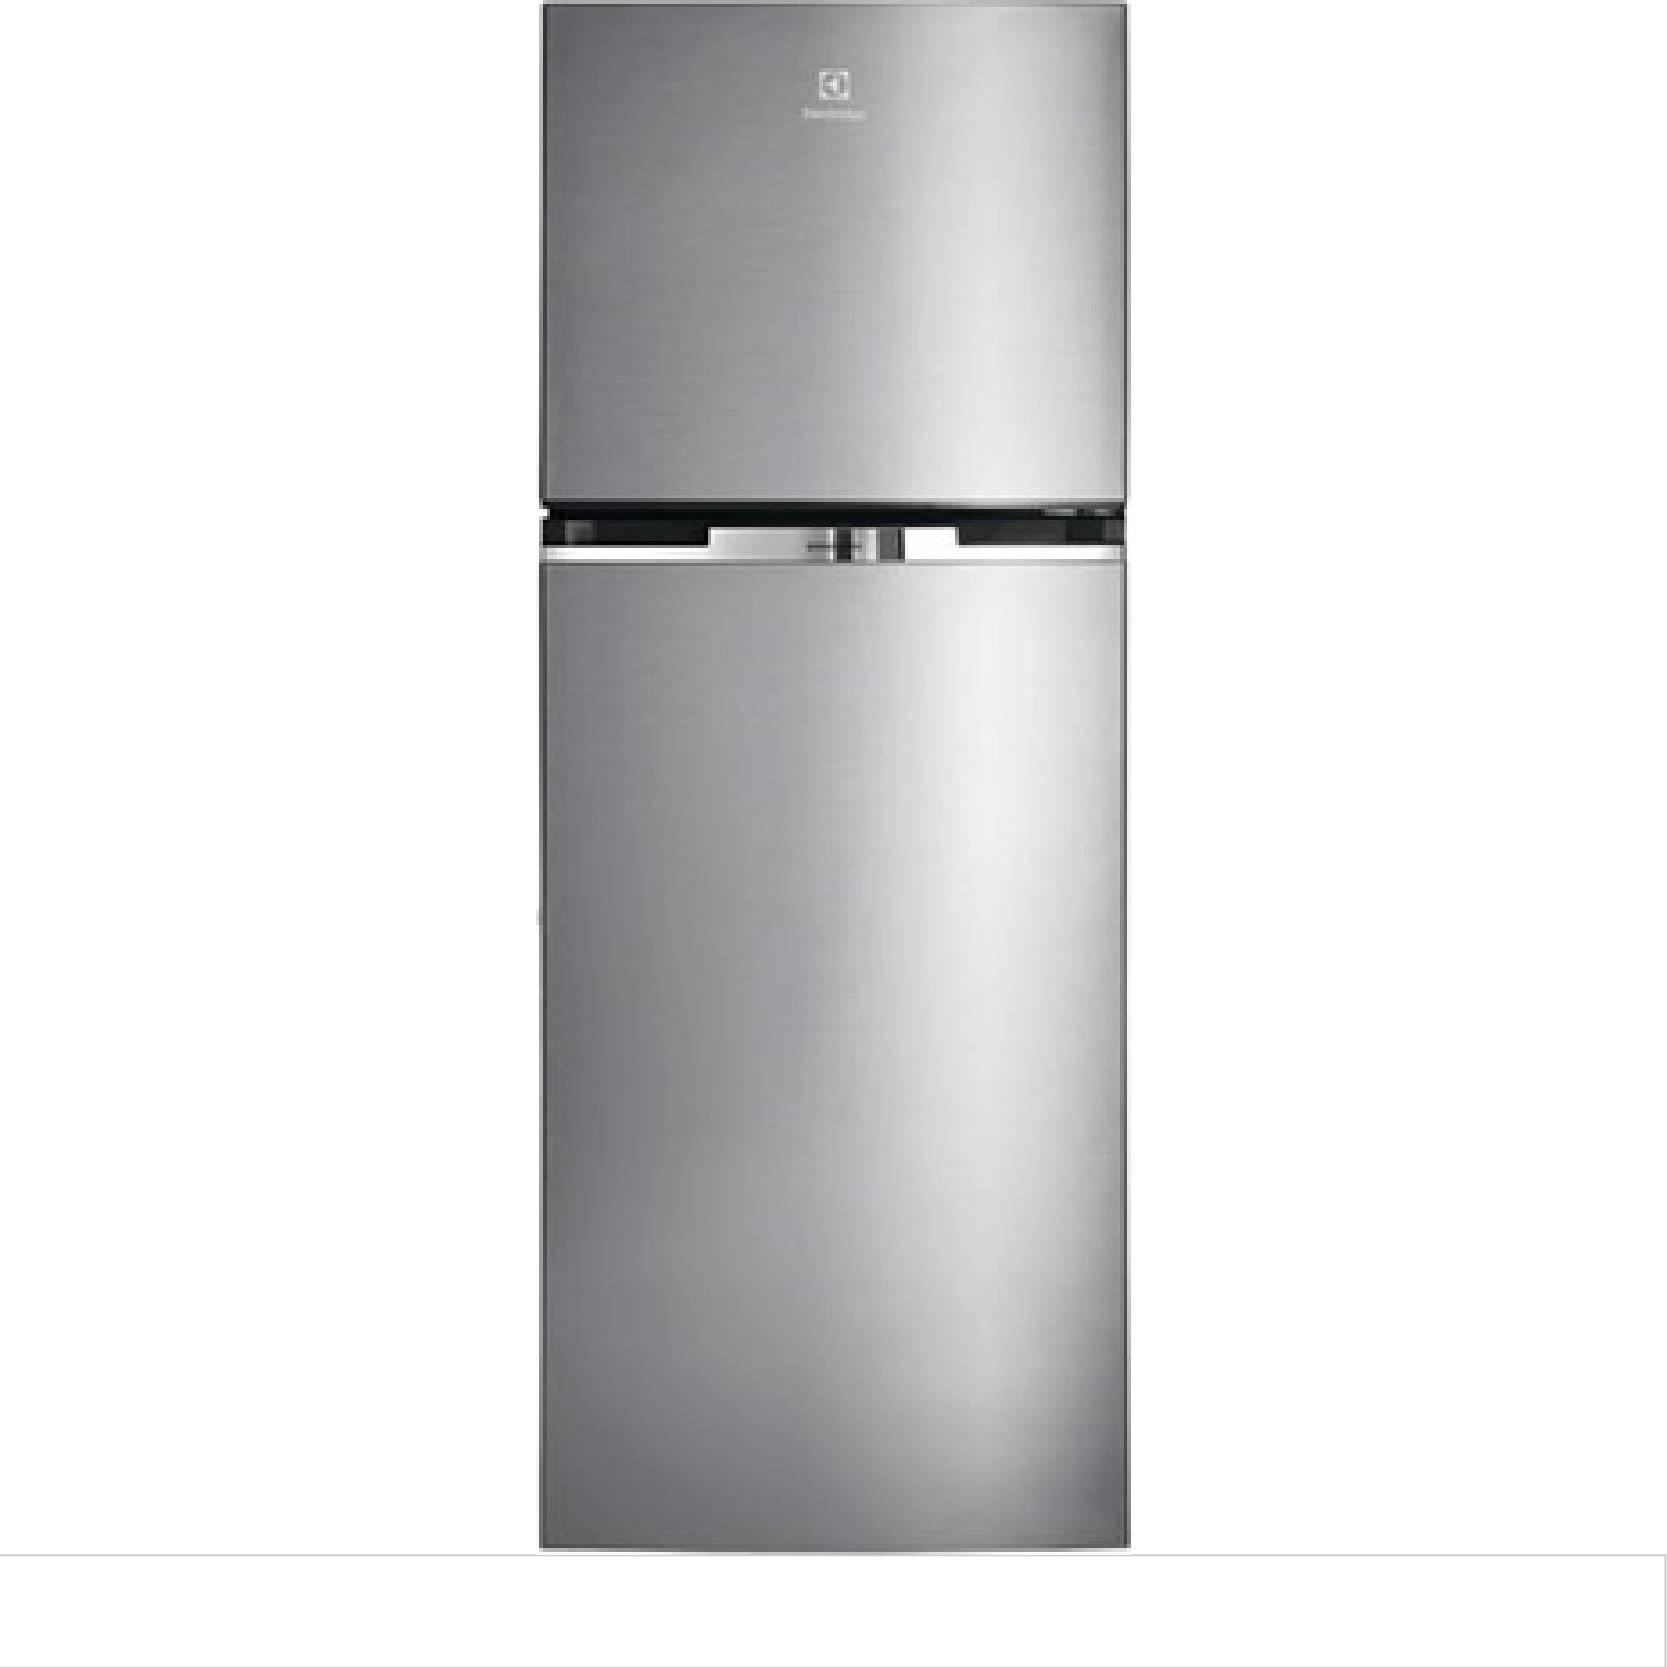 Tủ lạnh electrolux Inverter 230 lít ETB2300MG